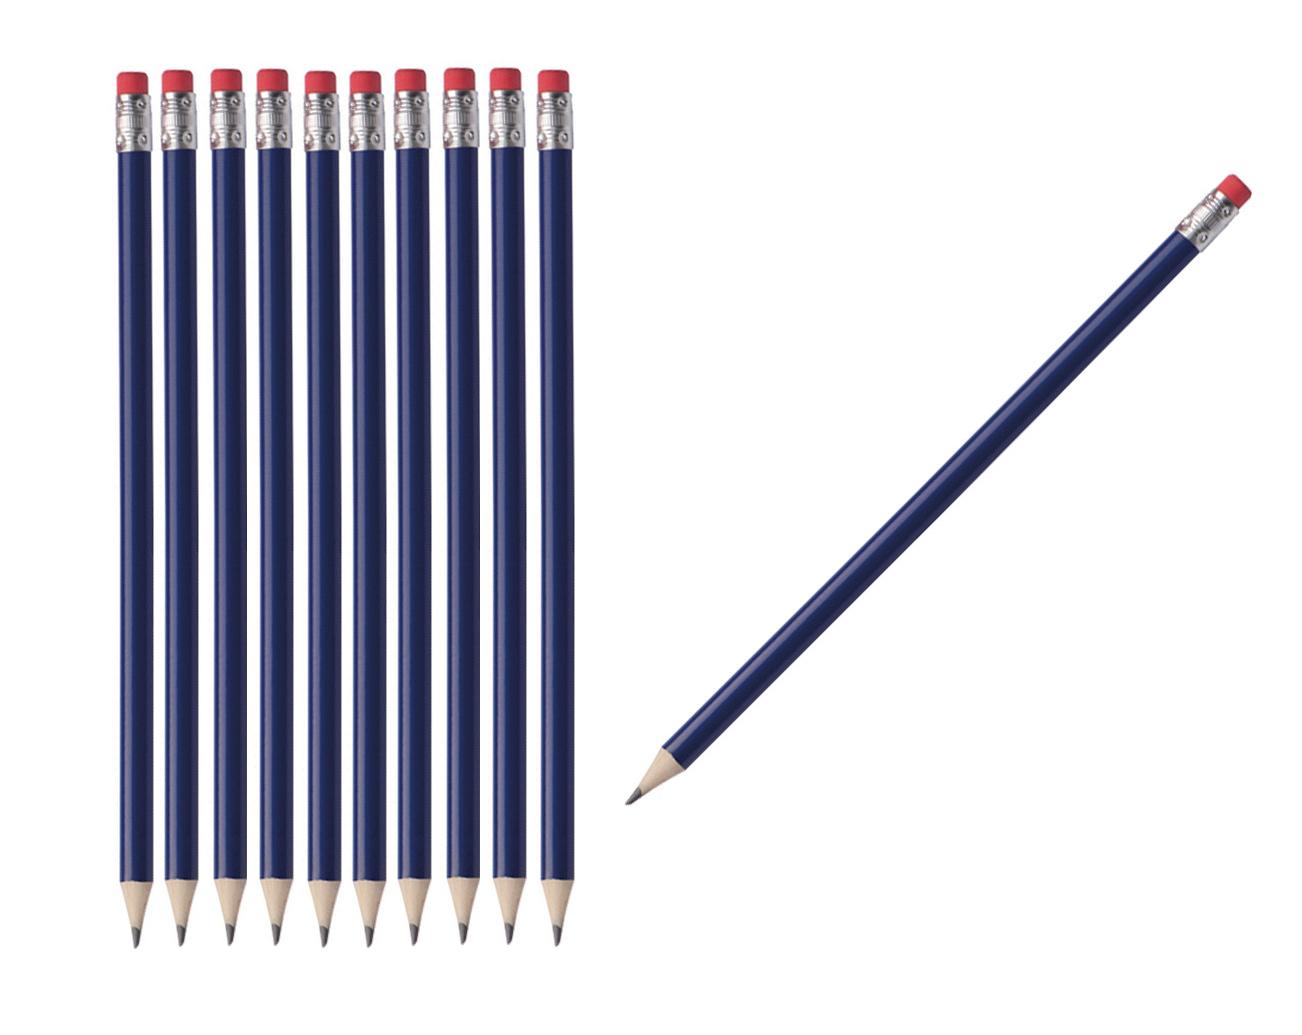 100 Bleistifte Mit Radierer Hb Ohne Herstellerlogo Farbe